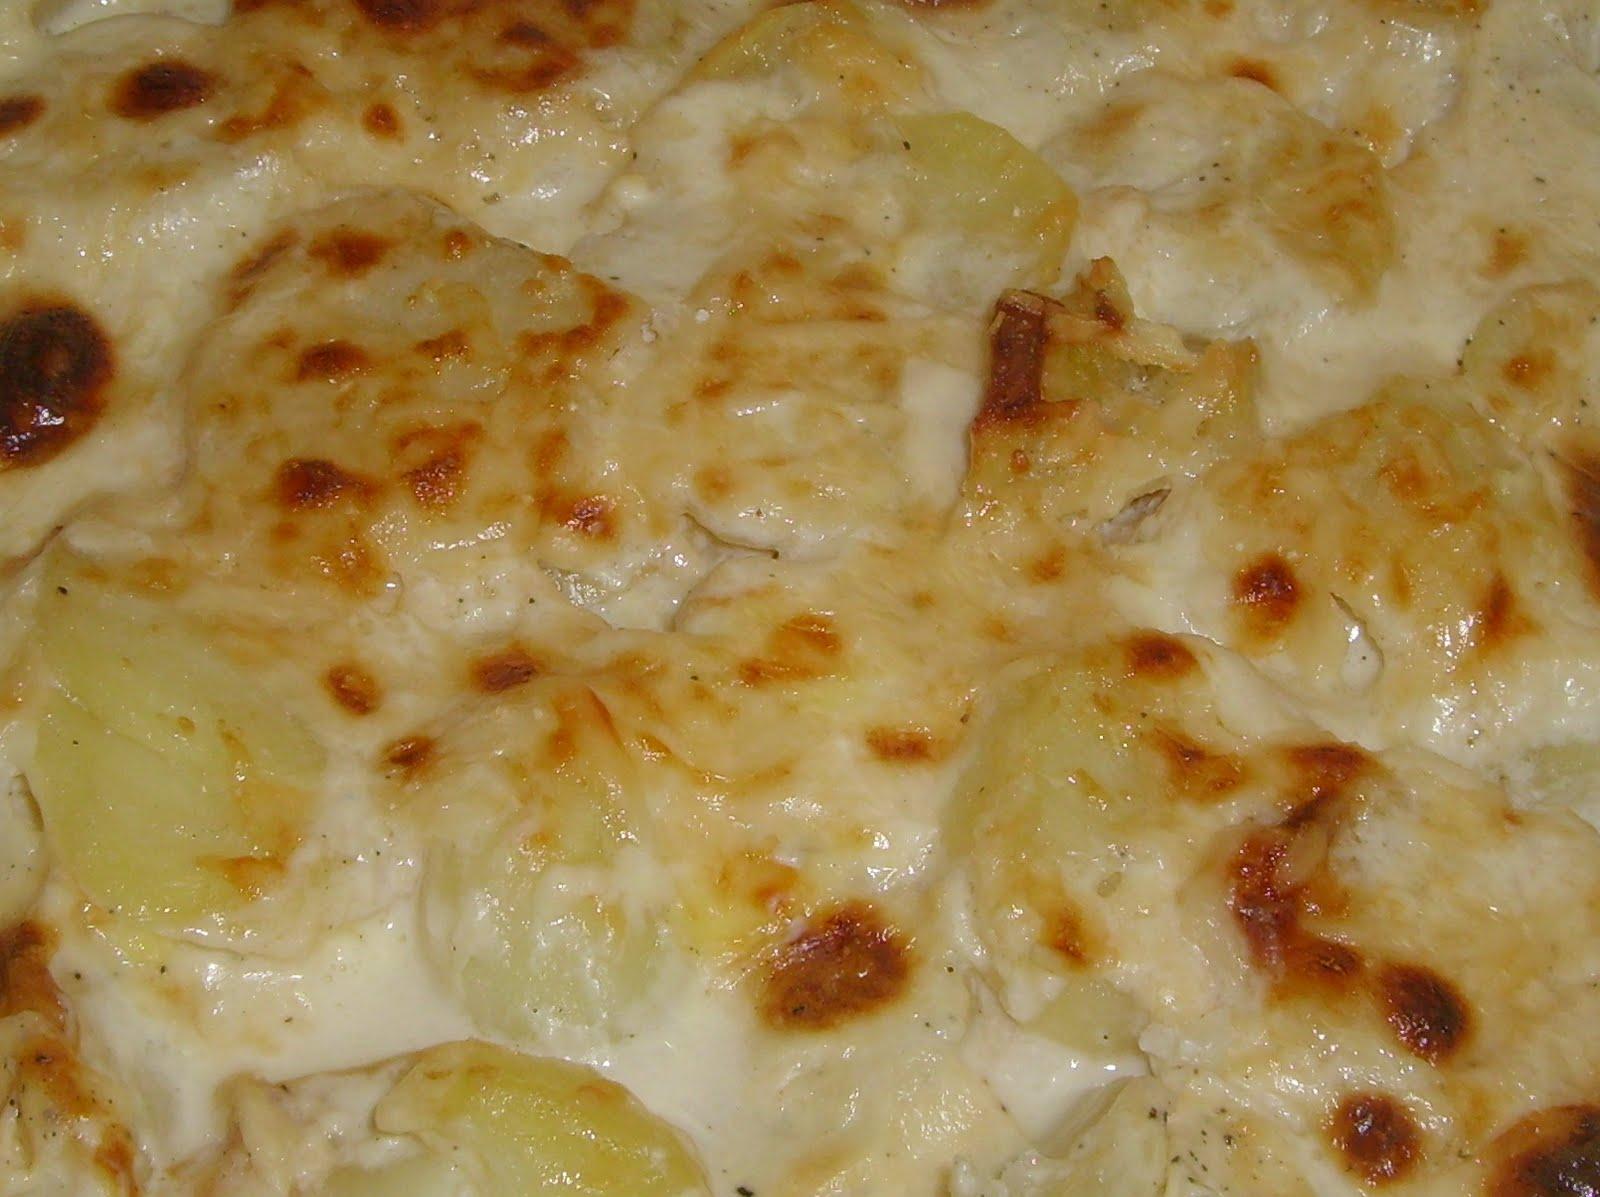 El rincon de nuestras cosas gratinado de patatas - Gratinado de patata ...